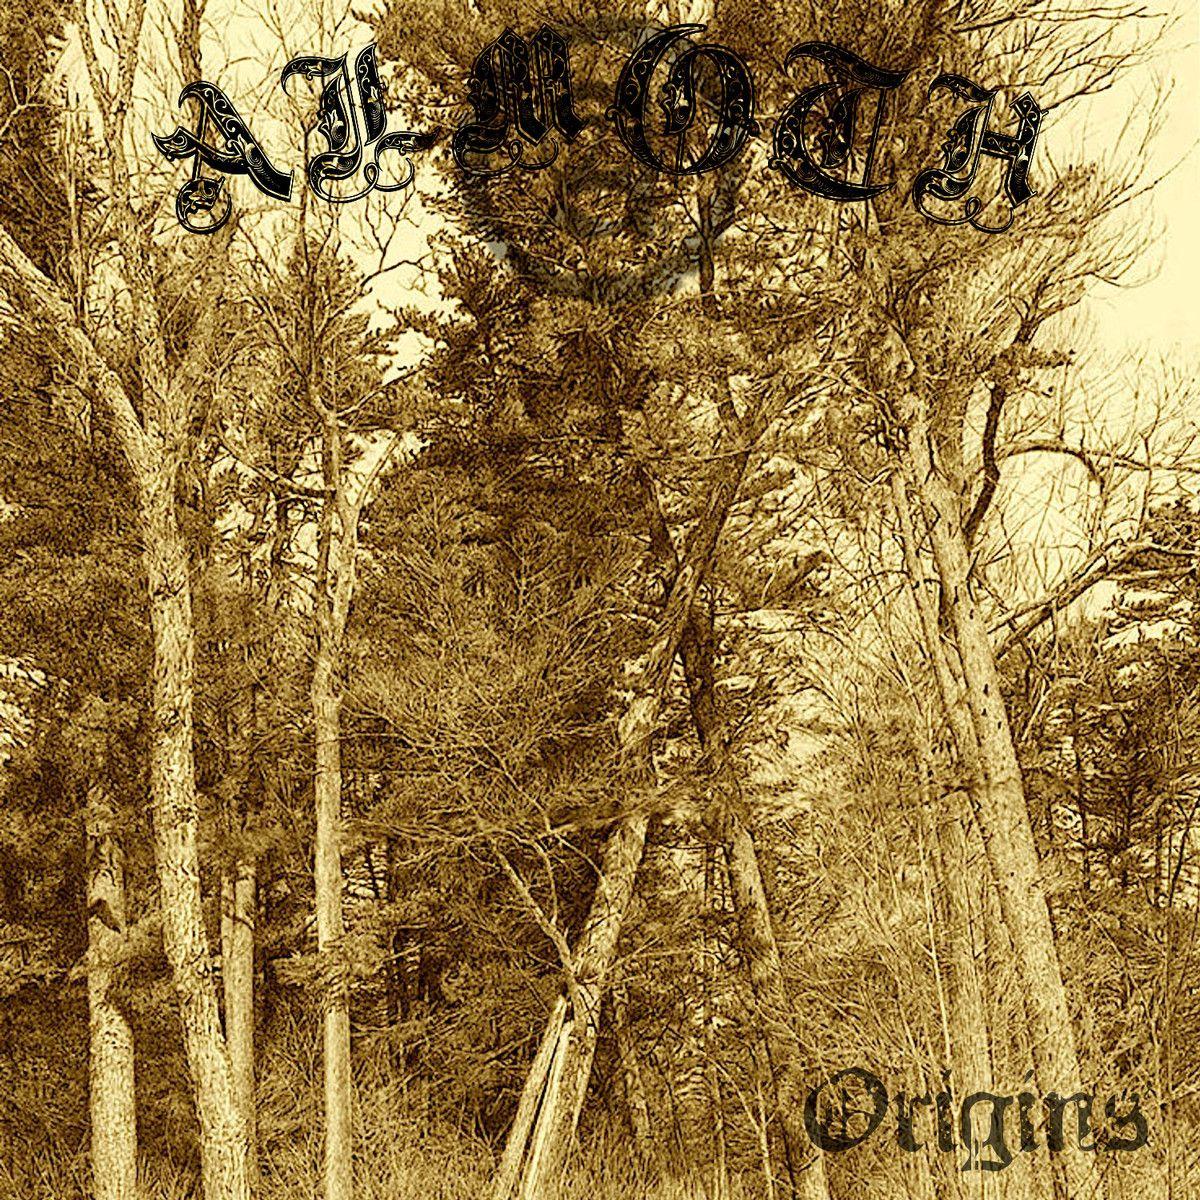 Almoth - Origins